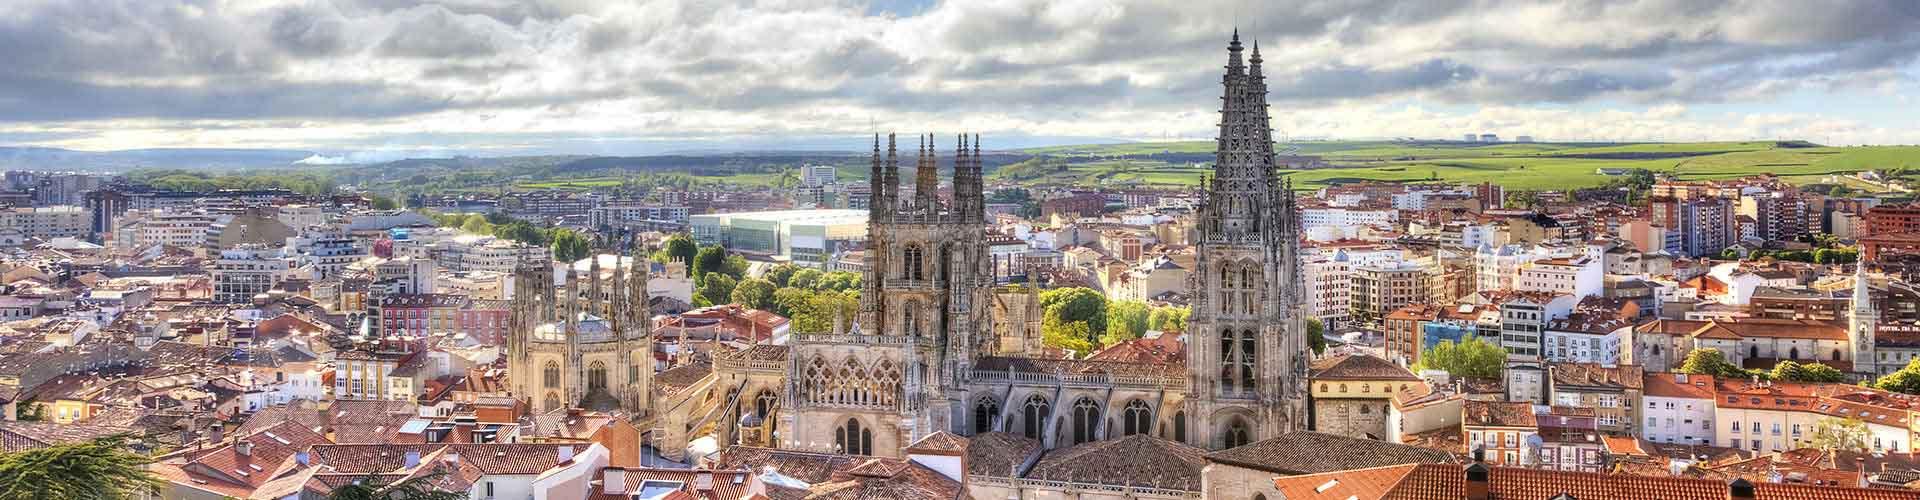 Burgos - Appartments à Burgos. Cartes pour Burgos, photos et commentaires pour chaque appartement à Burgos.